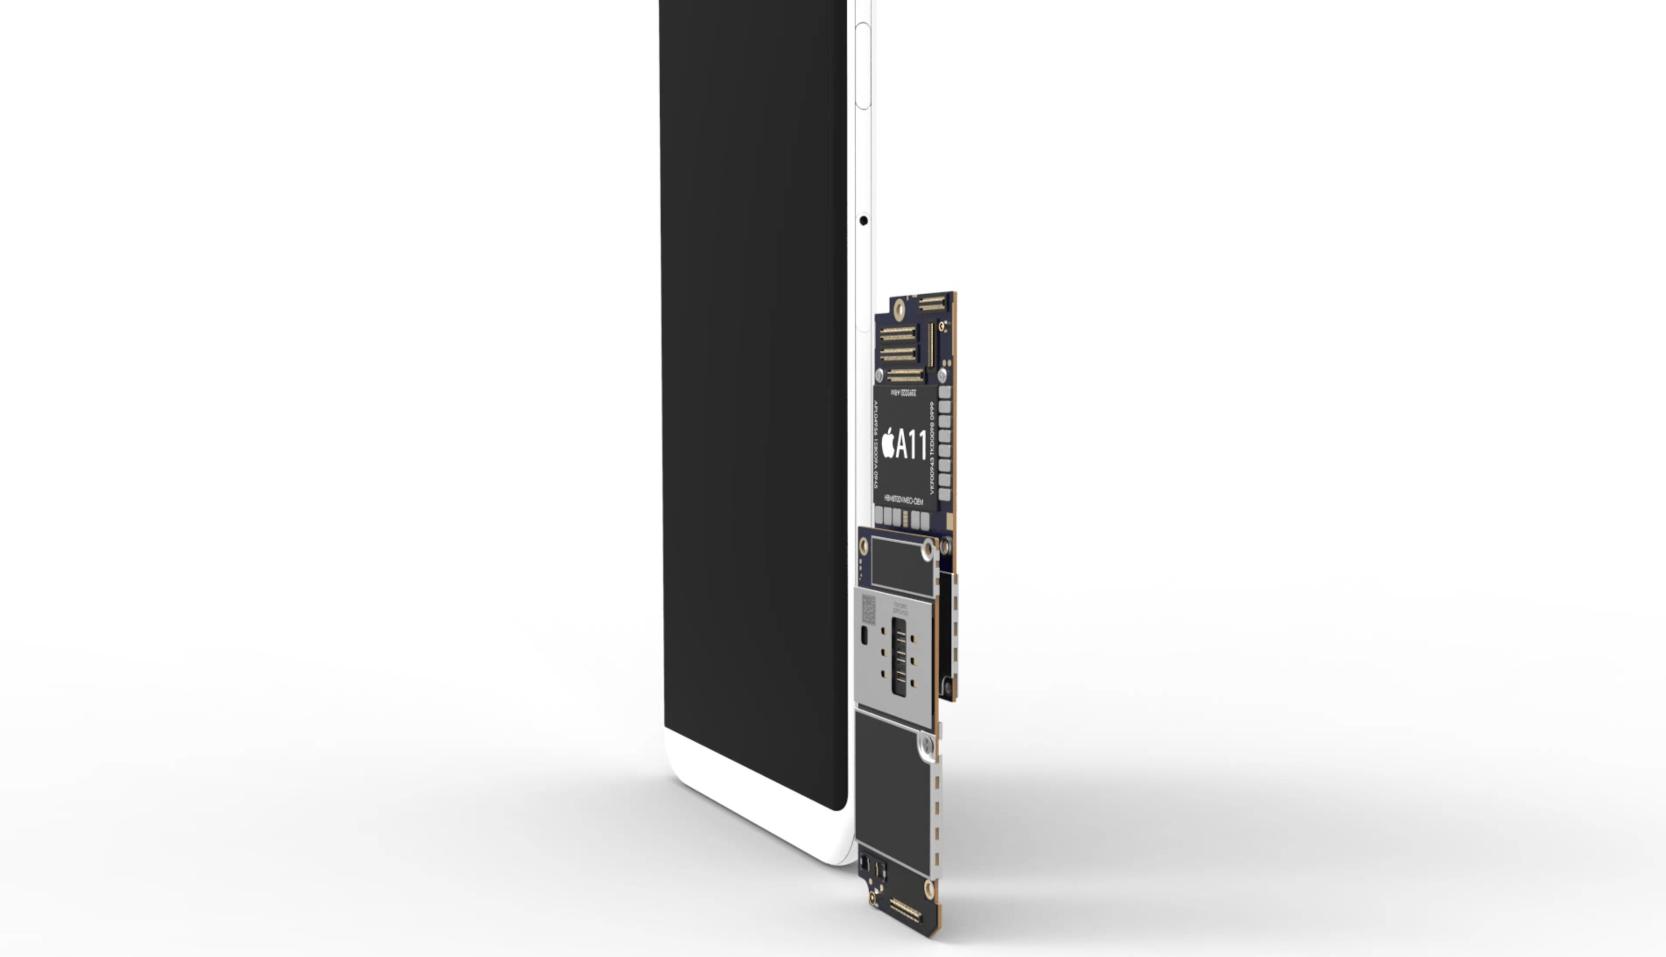 Skládací motherboard - iPhone 8: Jakých se dočkáme komponentů?